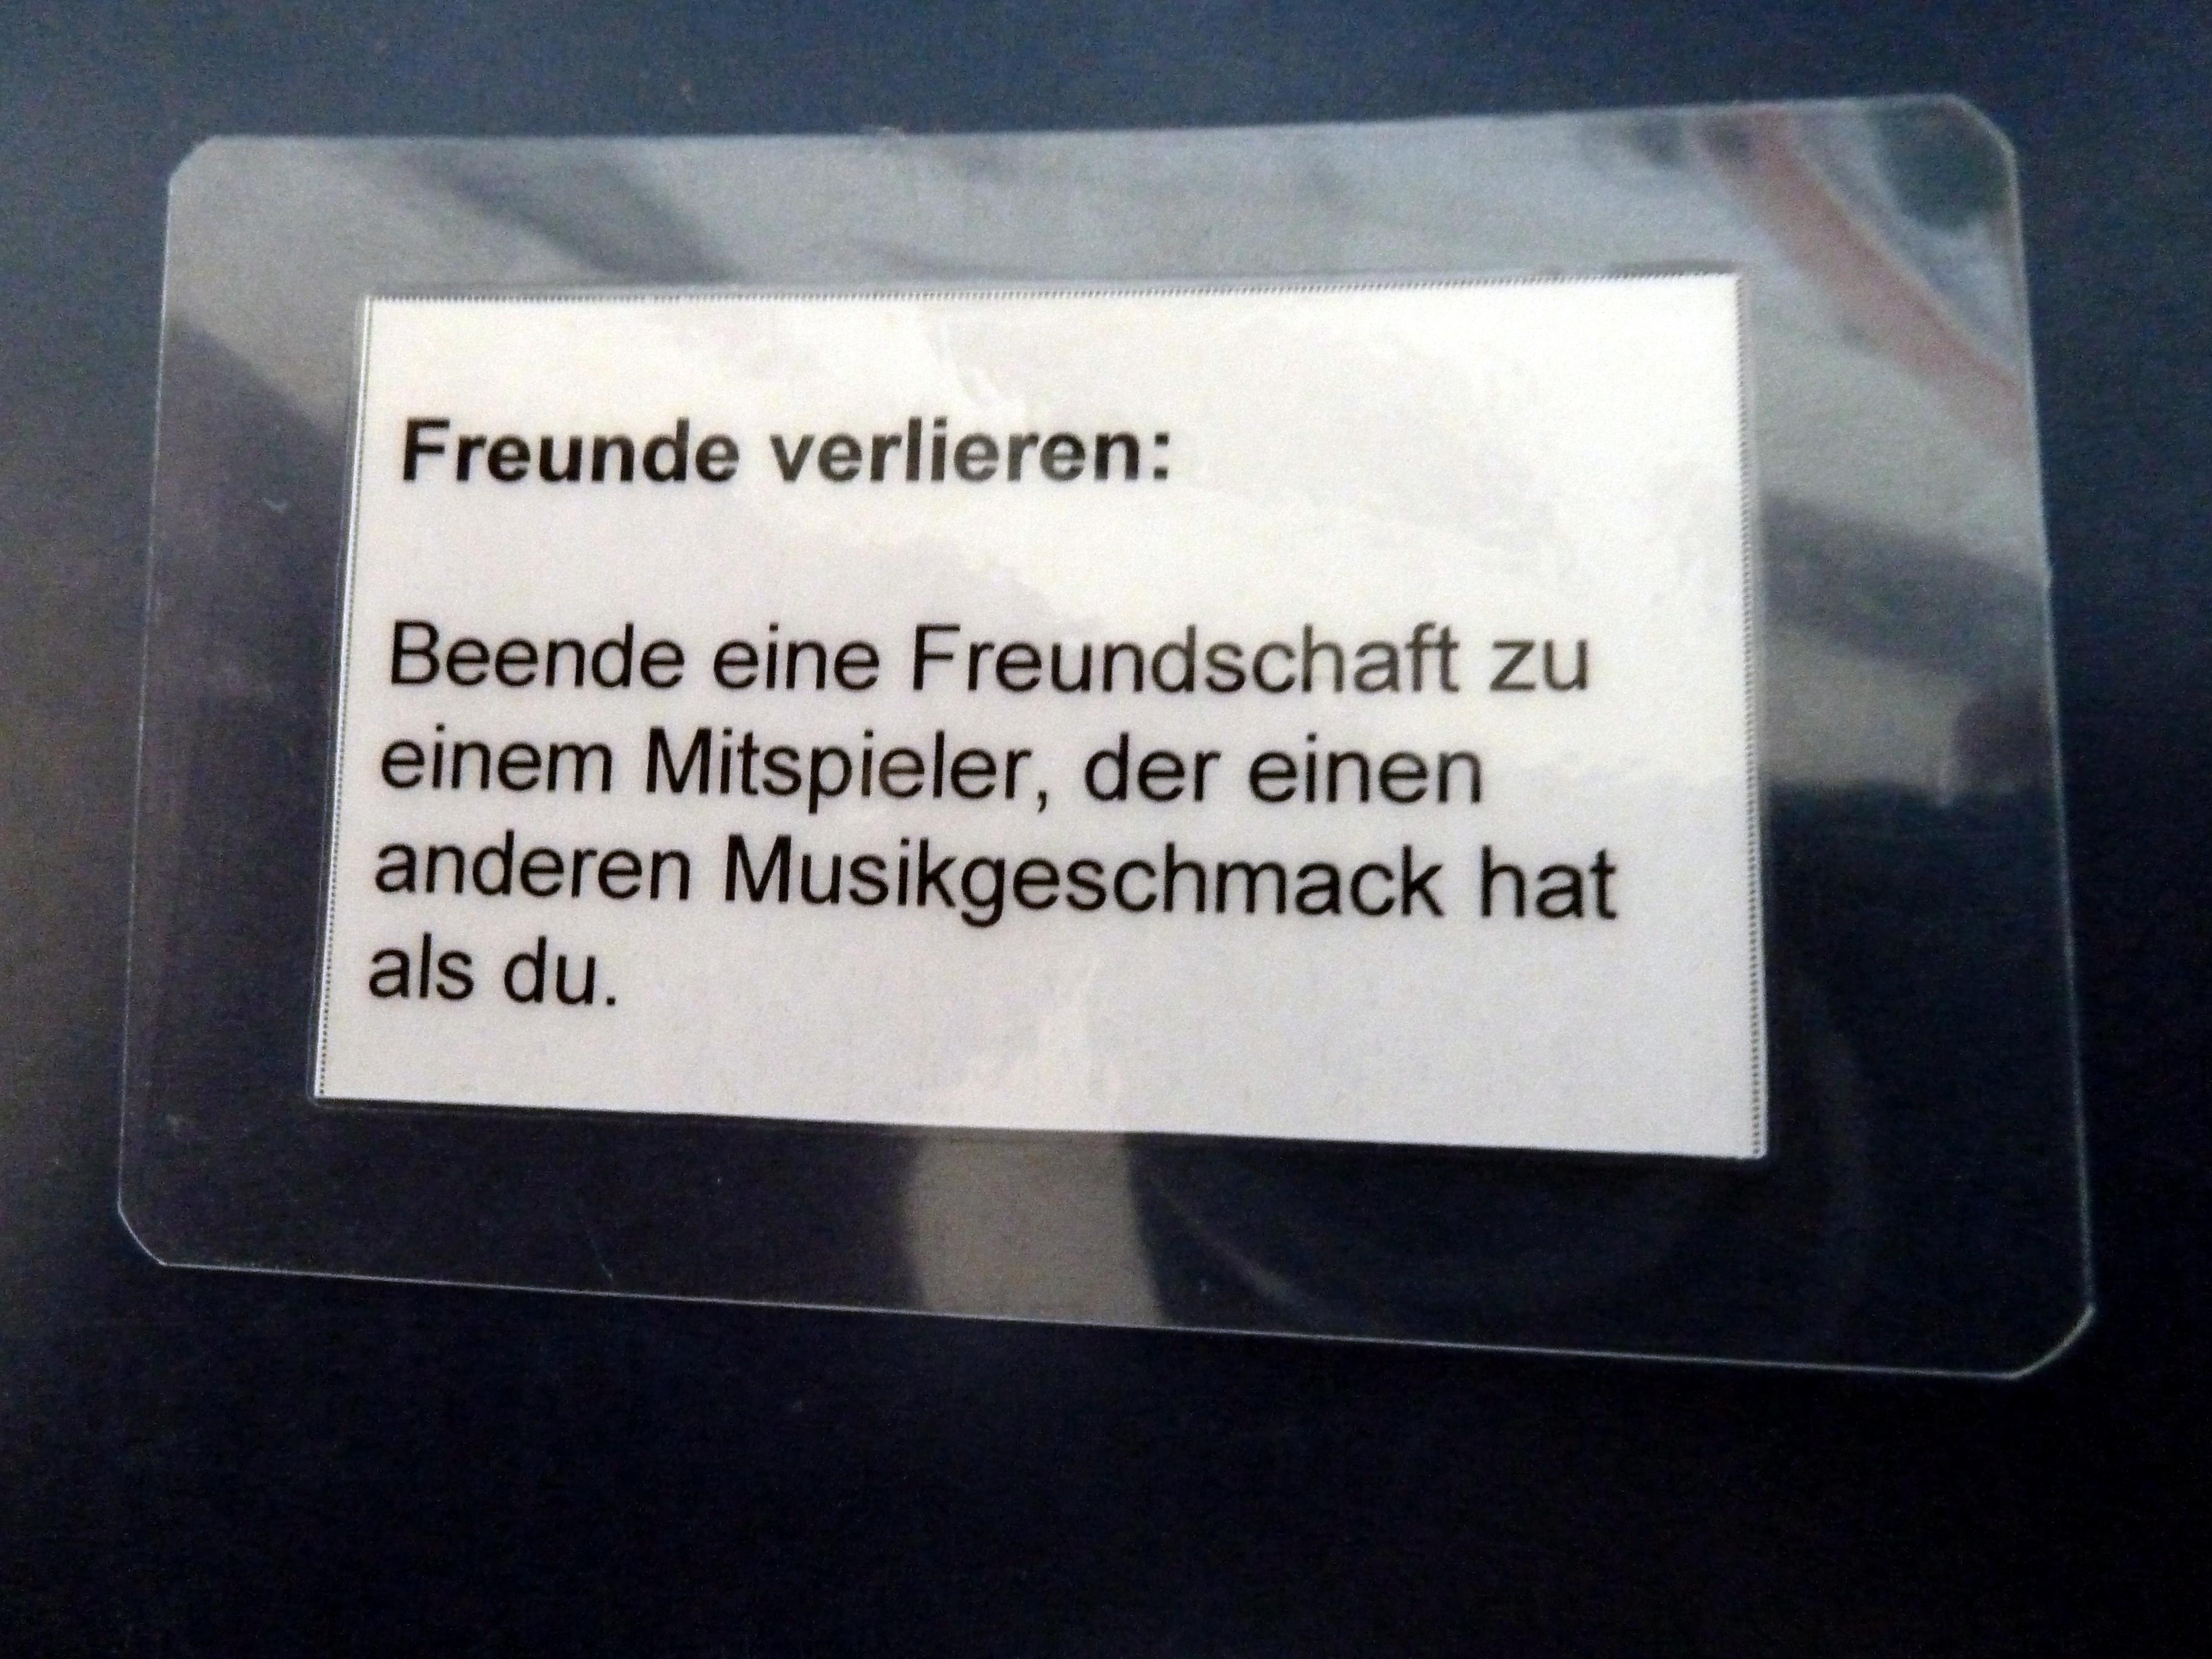 Aktionskarte mit dem Text: Freunde verlieren: Beende eine Freundschaft zu einem anderen Mitspieler, der einen anderen Musikgeschmack hat.